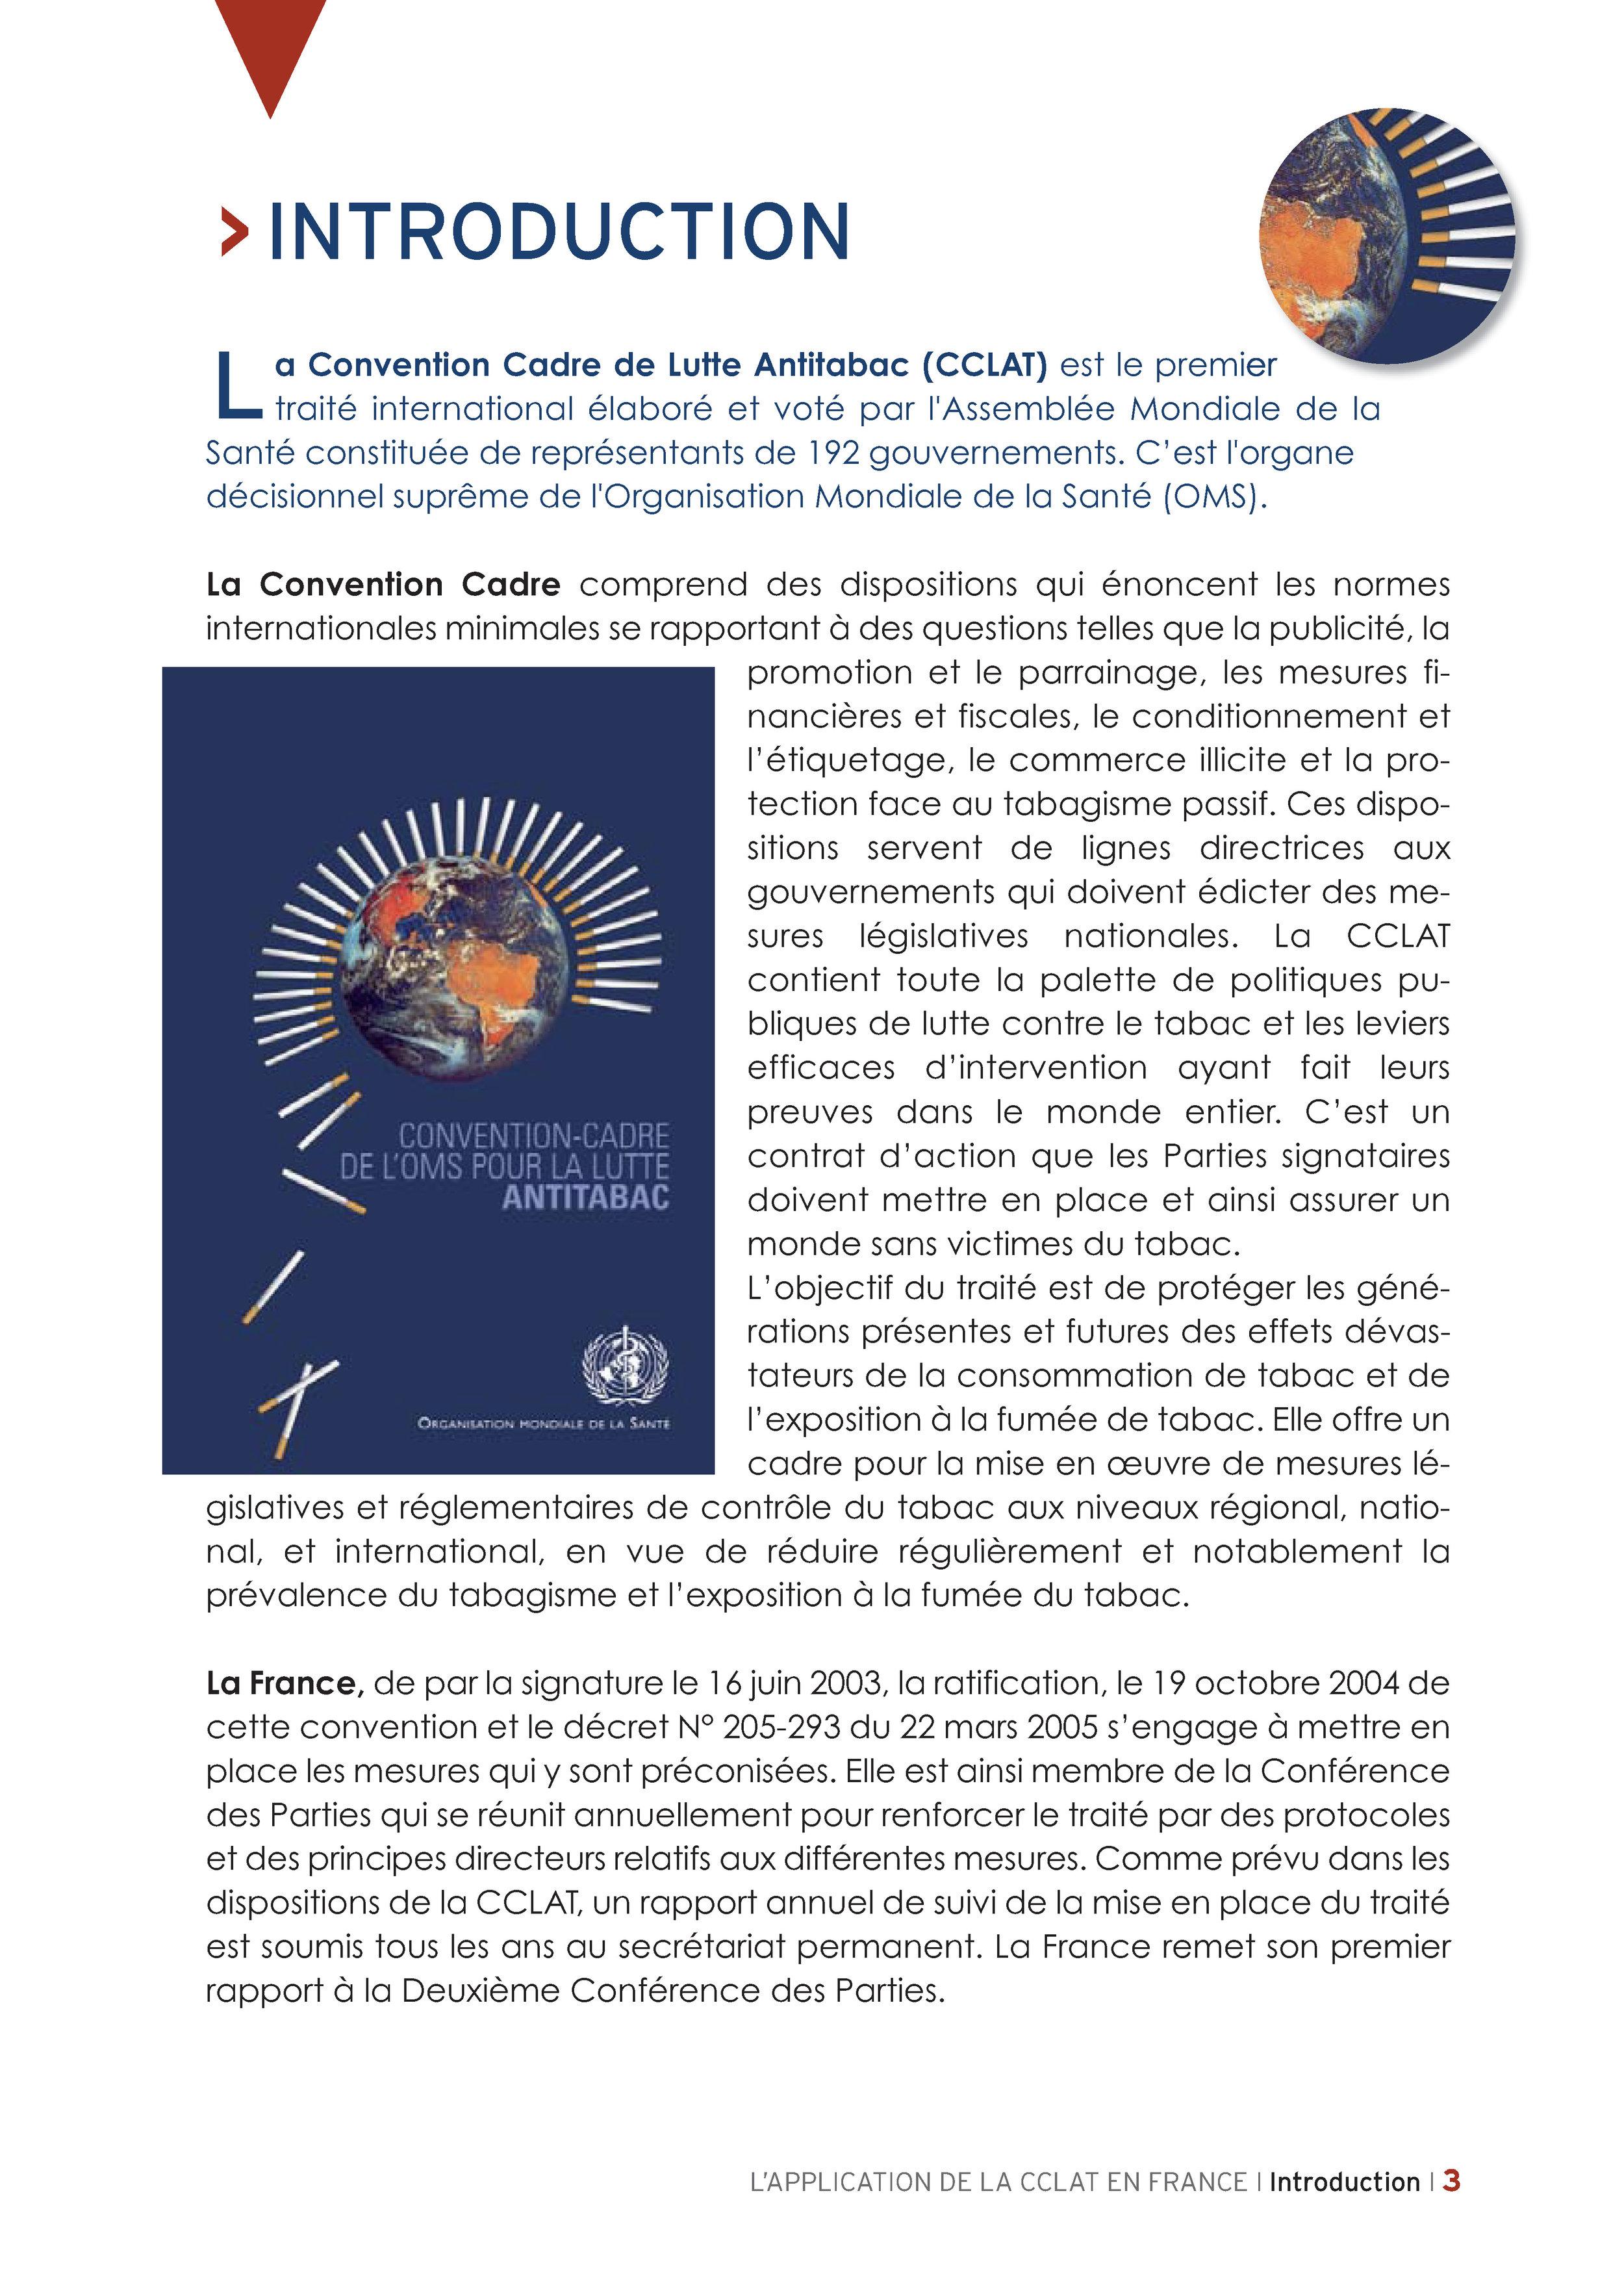 ACT_Etat-des-lieux-applicationCCLAT-france_FR_Page_05.jpg